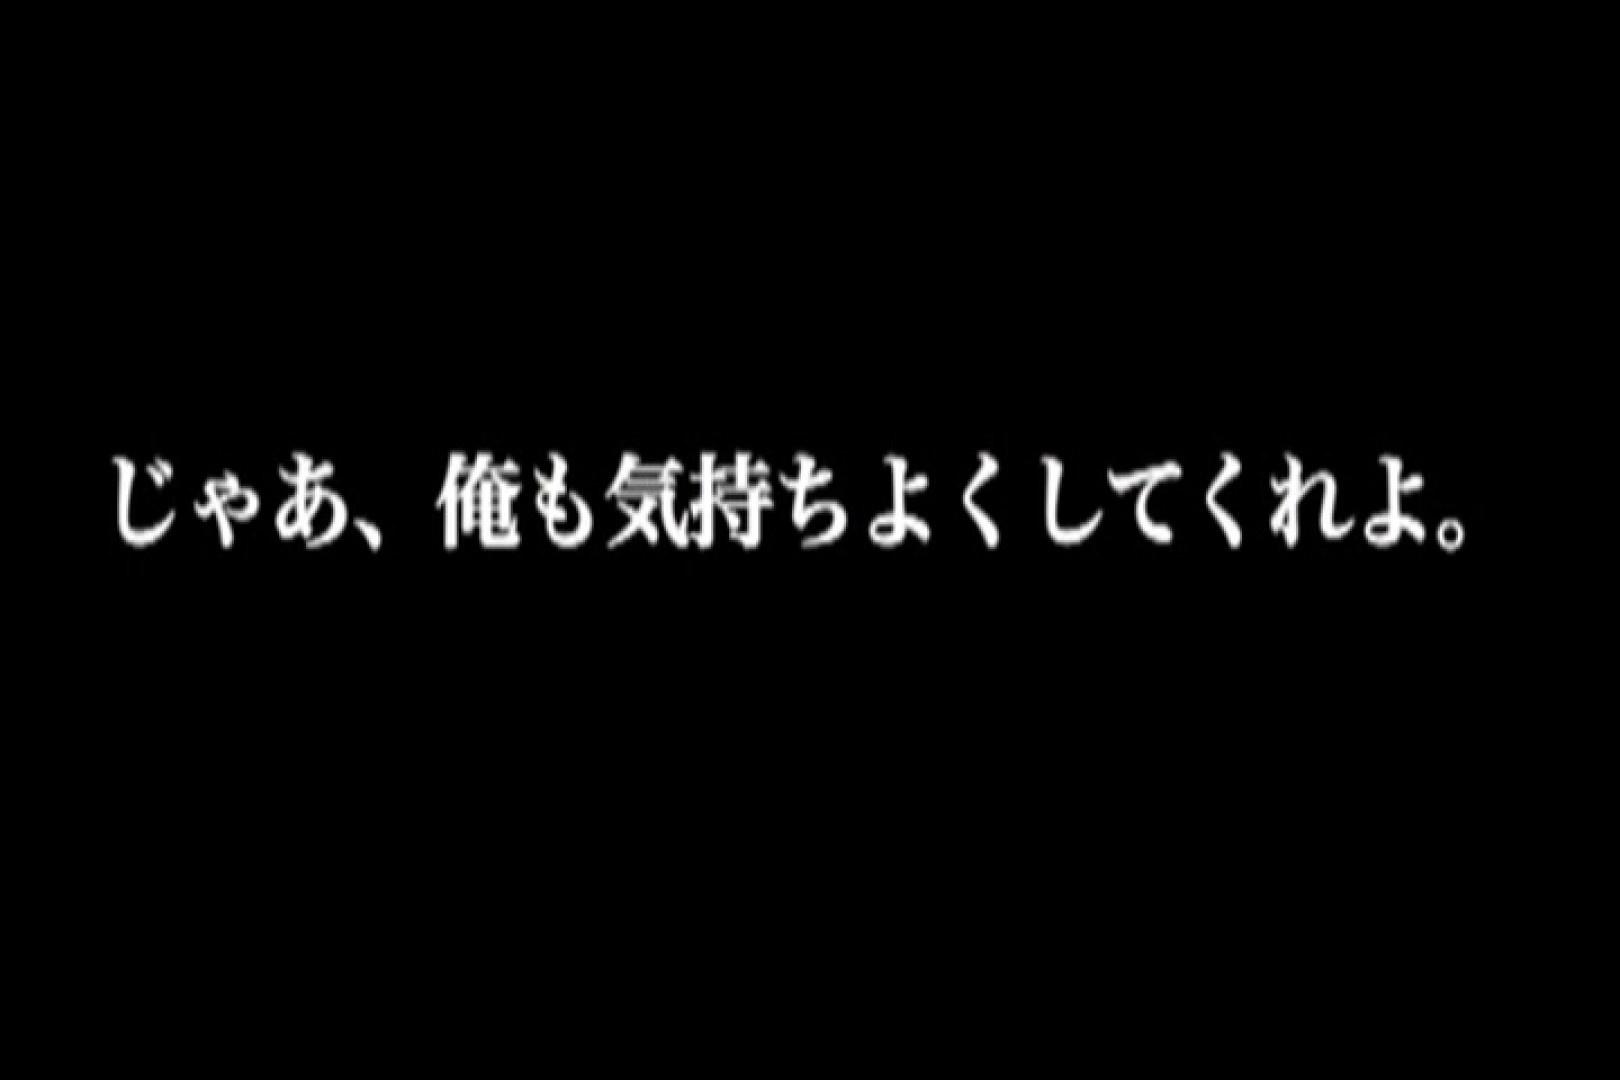 押スッ!体育会系、先輩まじっすか?前編 エロ ゲイアダルトビデオ紹介 106枚 59